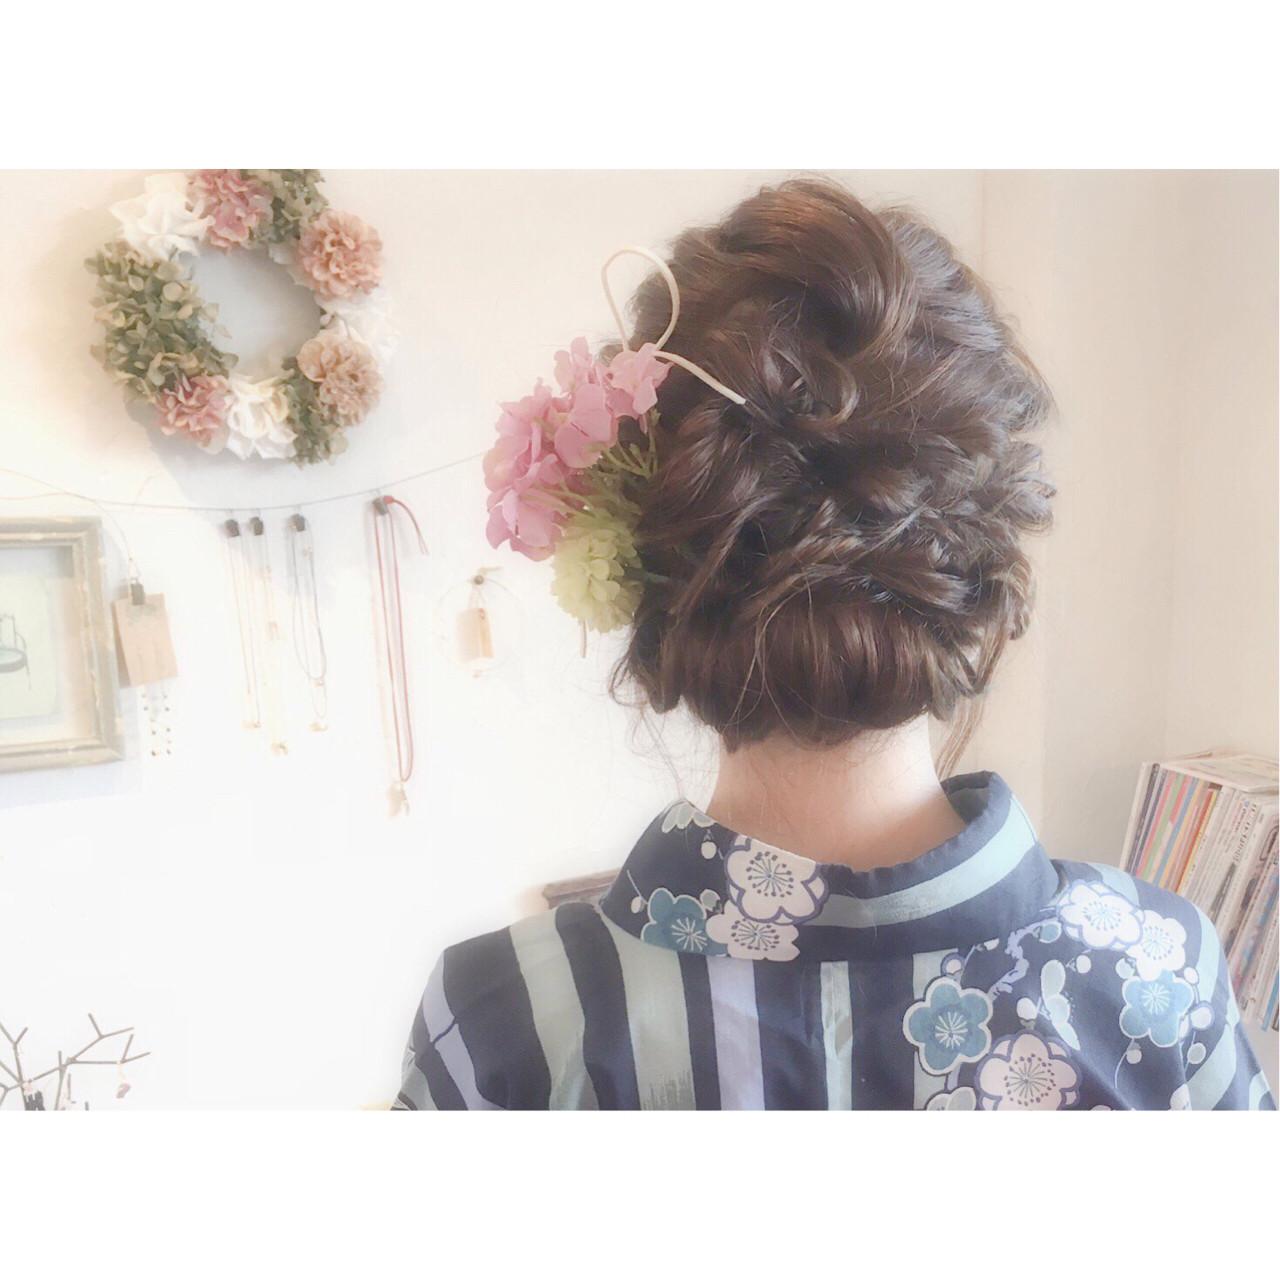 ハイライト ヘアアレンジ 花火大会 夏 ヘアスタイルや髪型の写真・画像